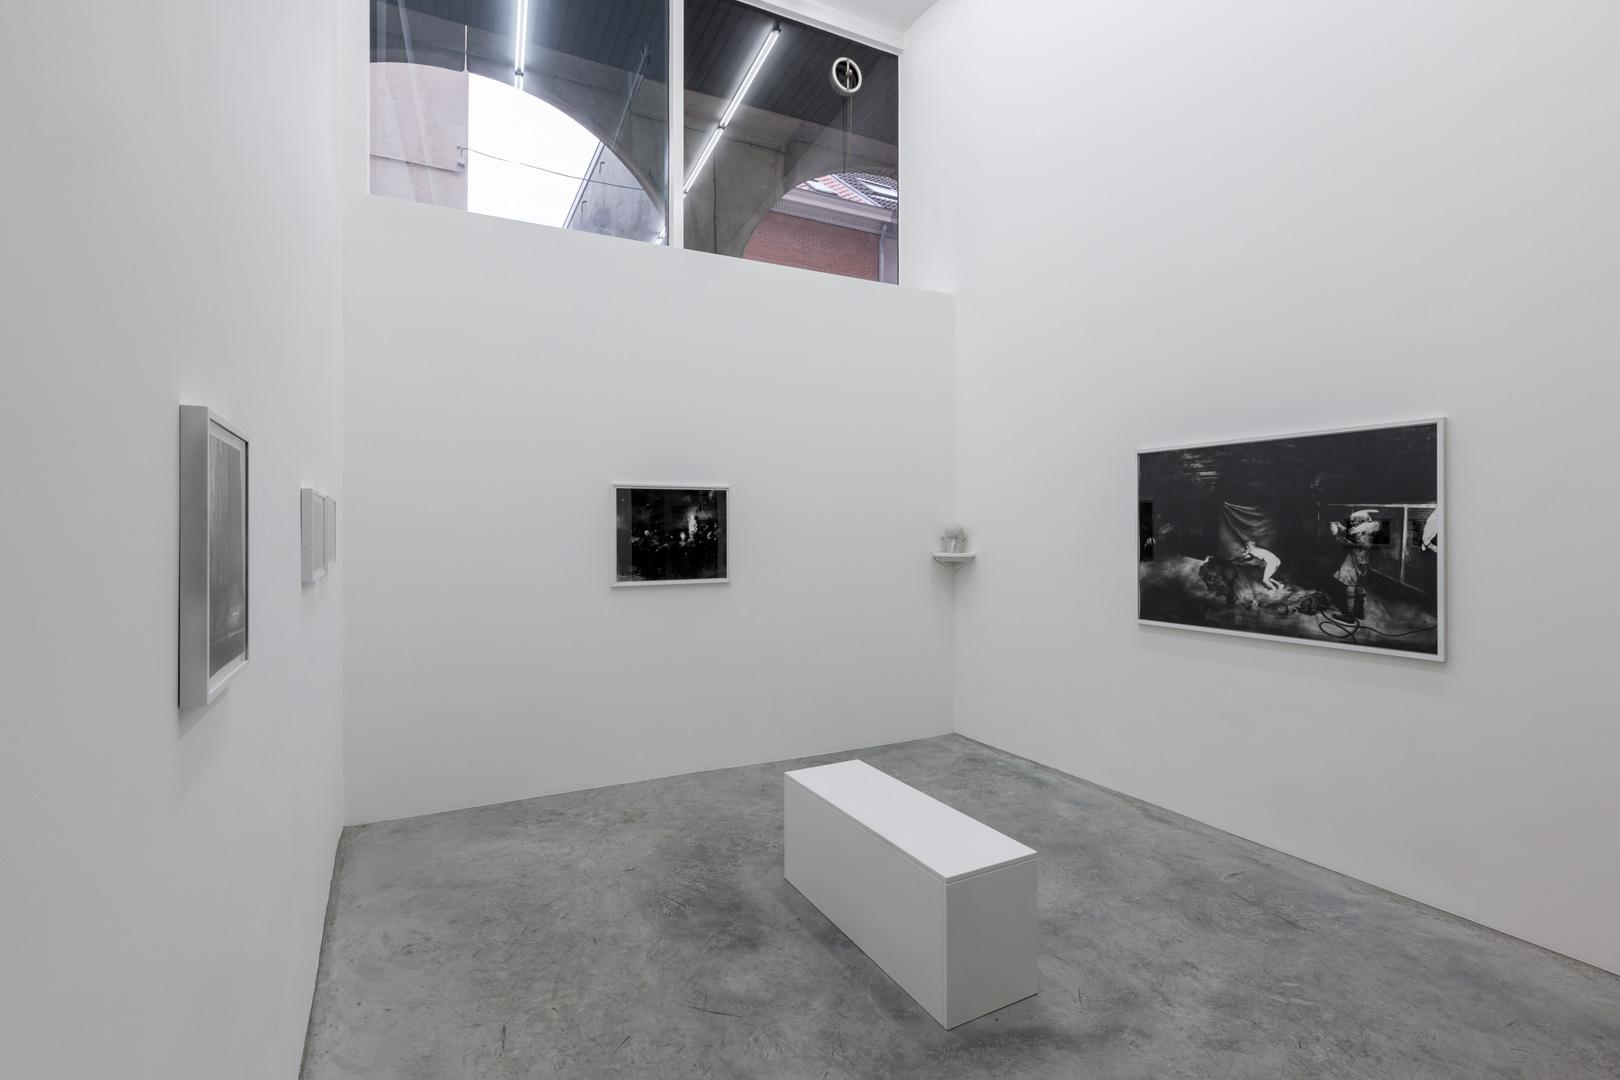 François Jacob. De l'ombre, la mesure Exhibition view (detail)